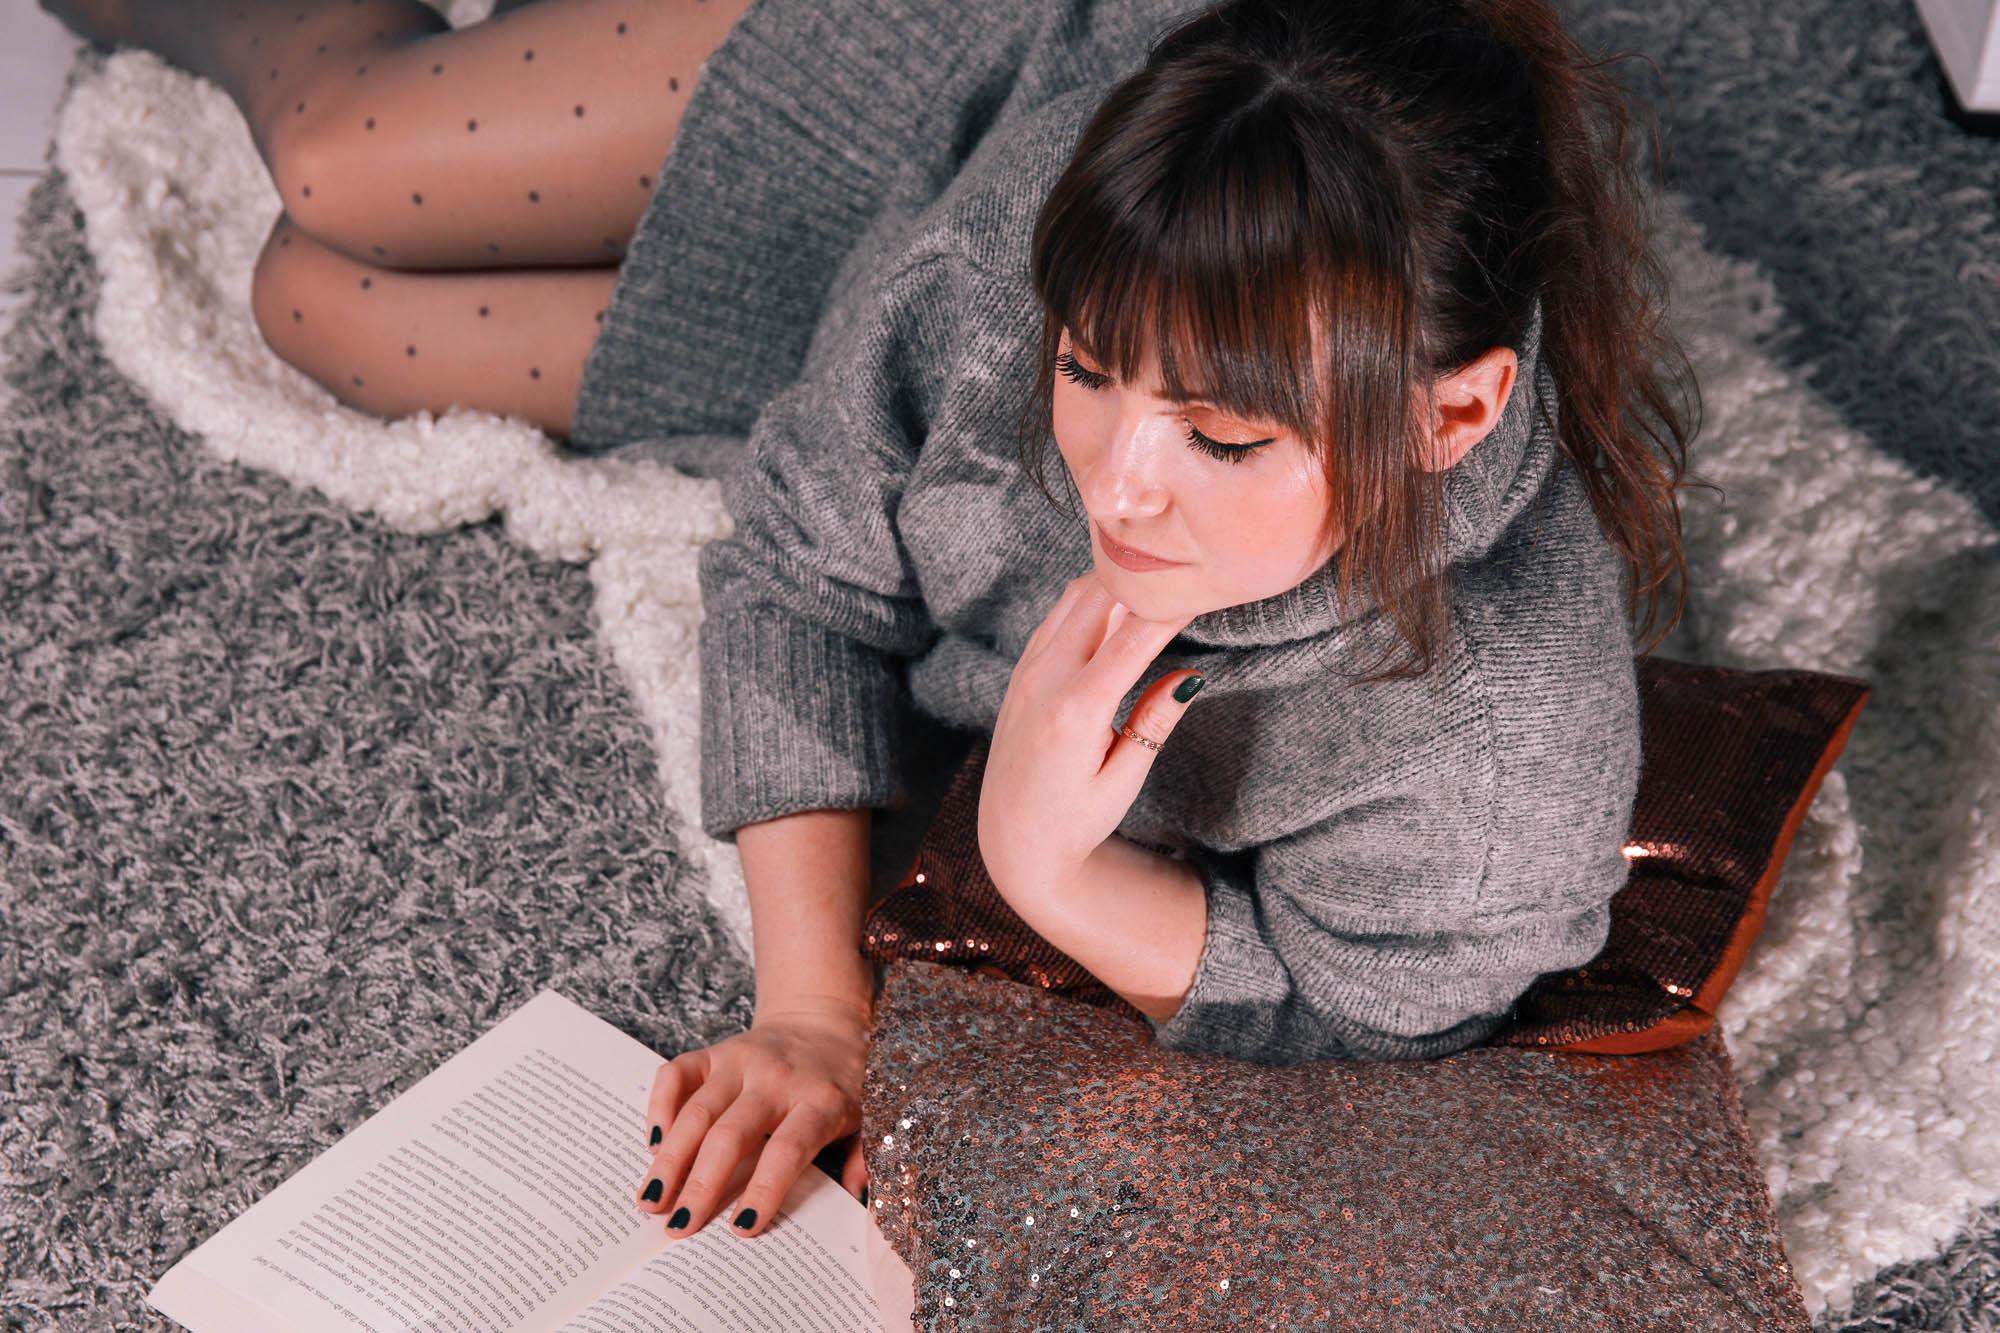 Herbst Leseliste-5 Bücher für die kalte Jahreszeit